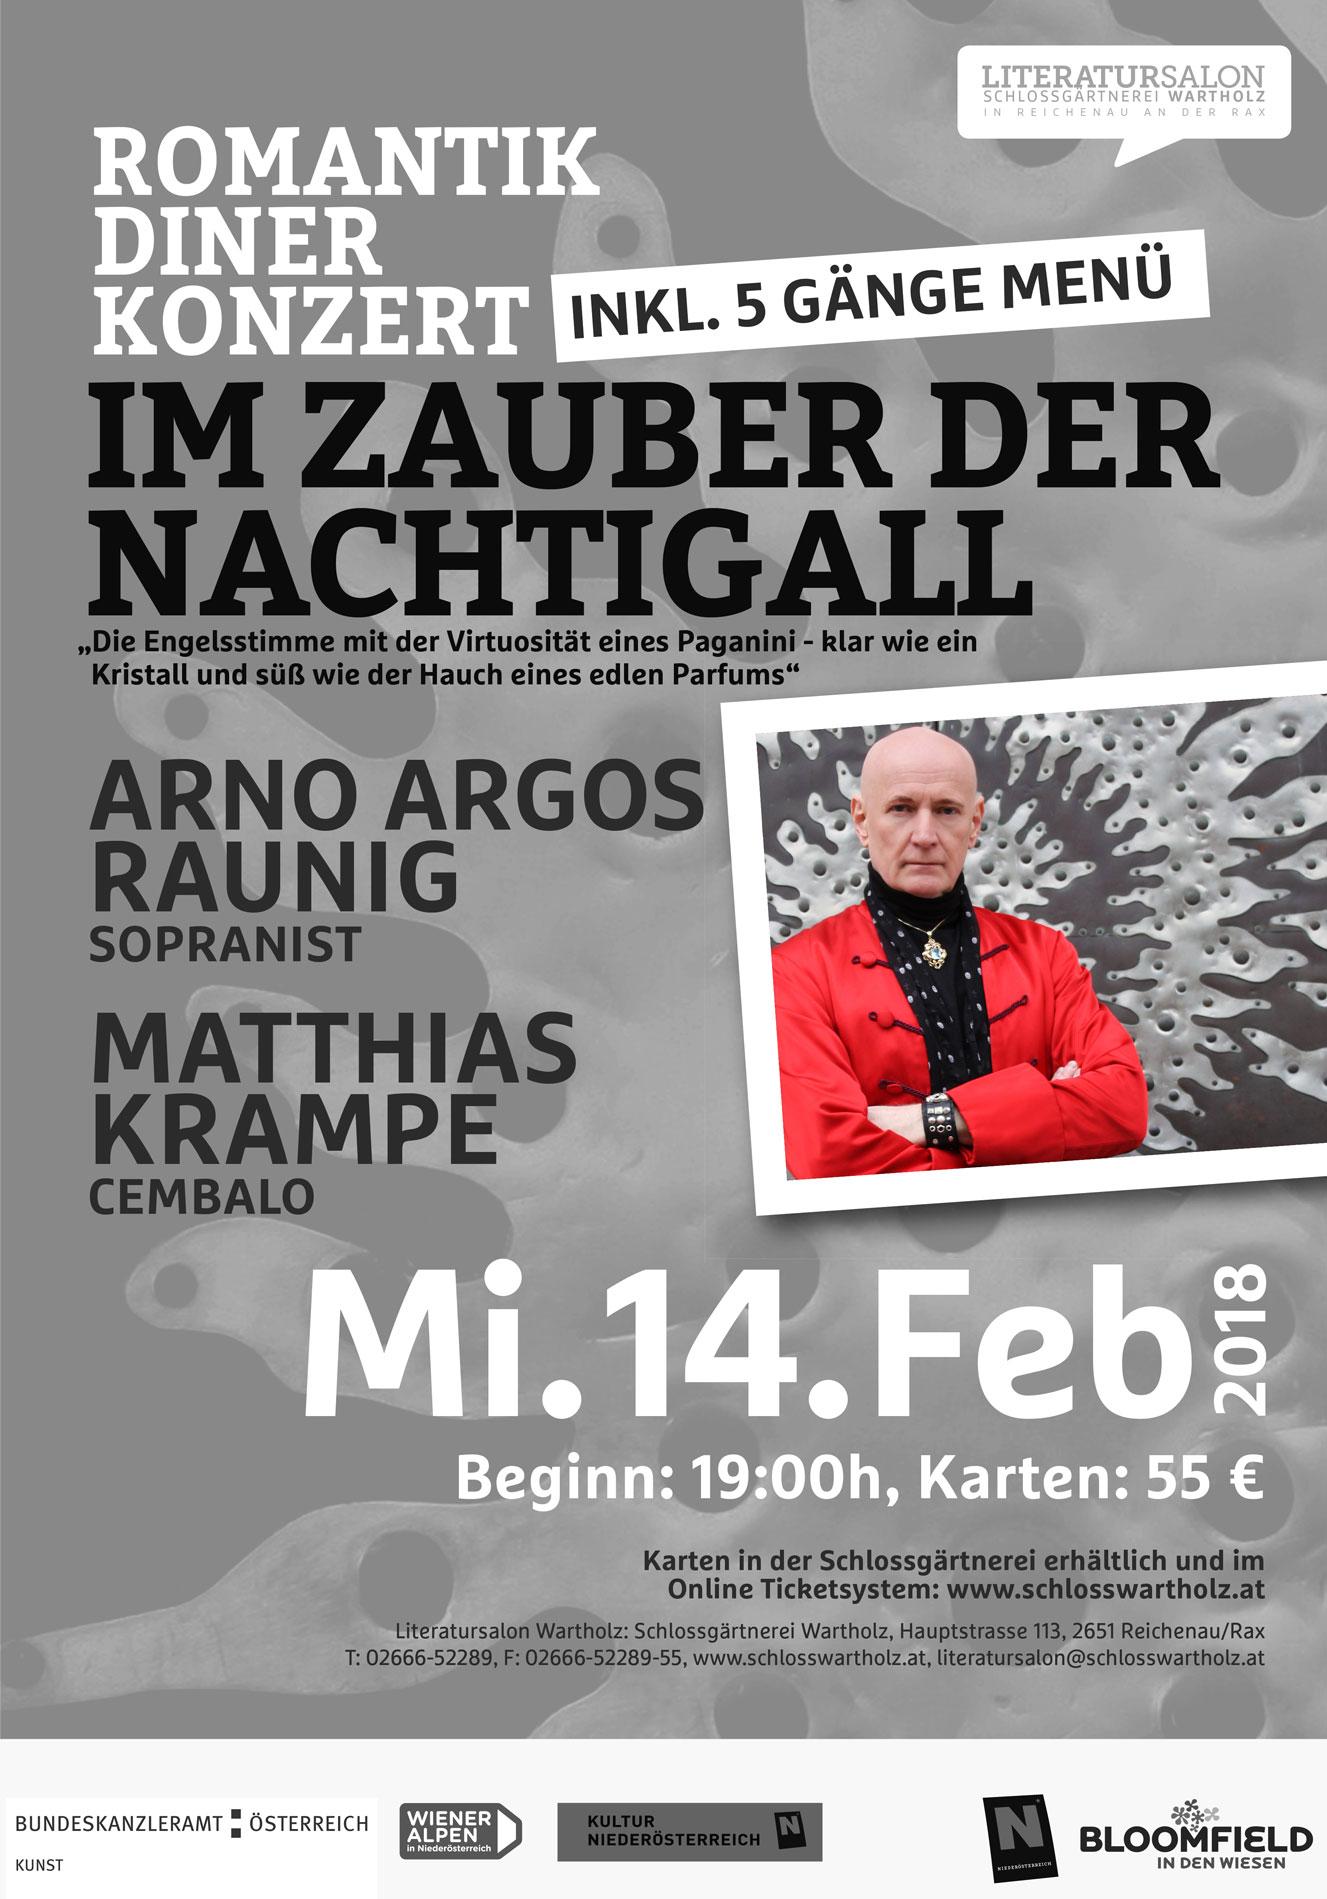 Im Zauber der Nachtigall. Ein Romantik-Diner-Konzert am Valentinstag Arno Argos